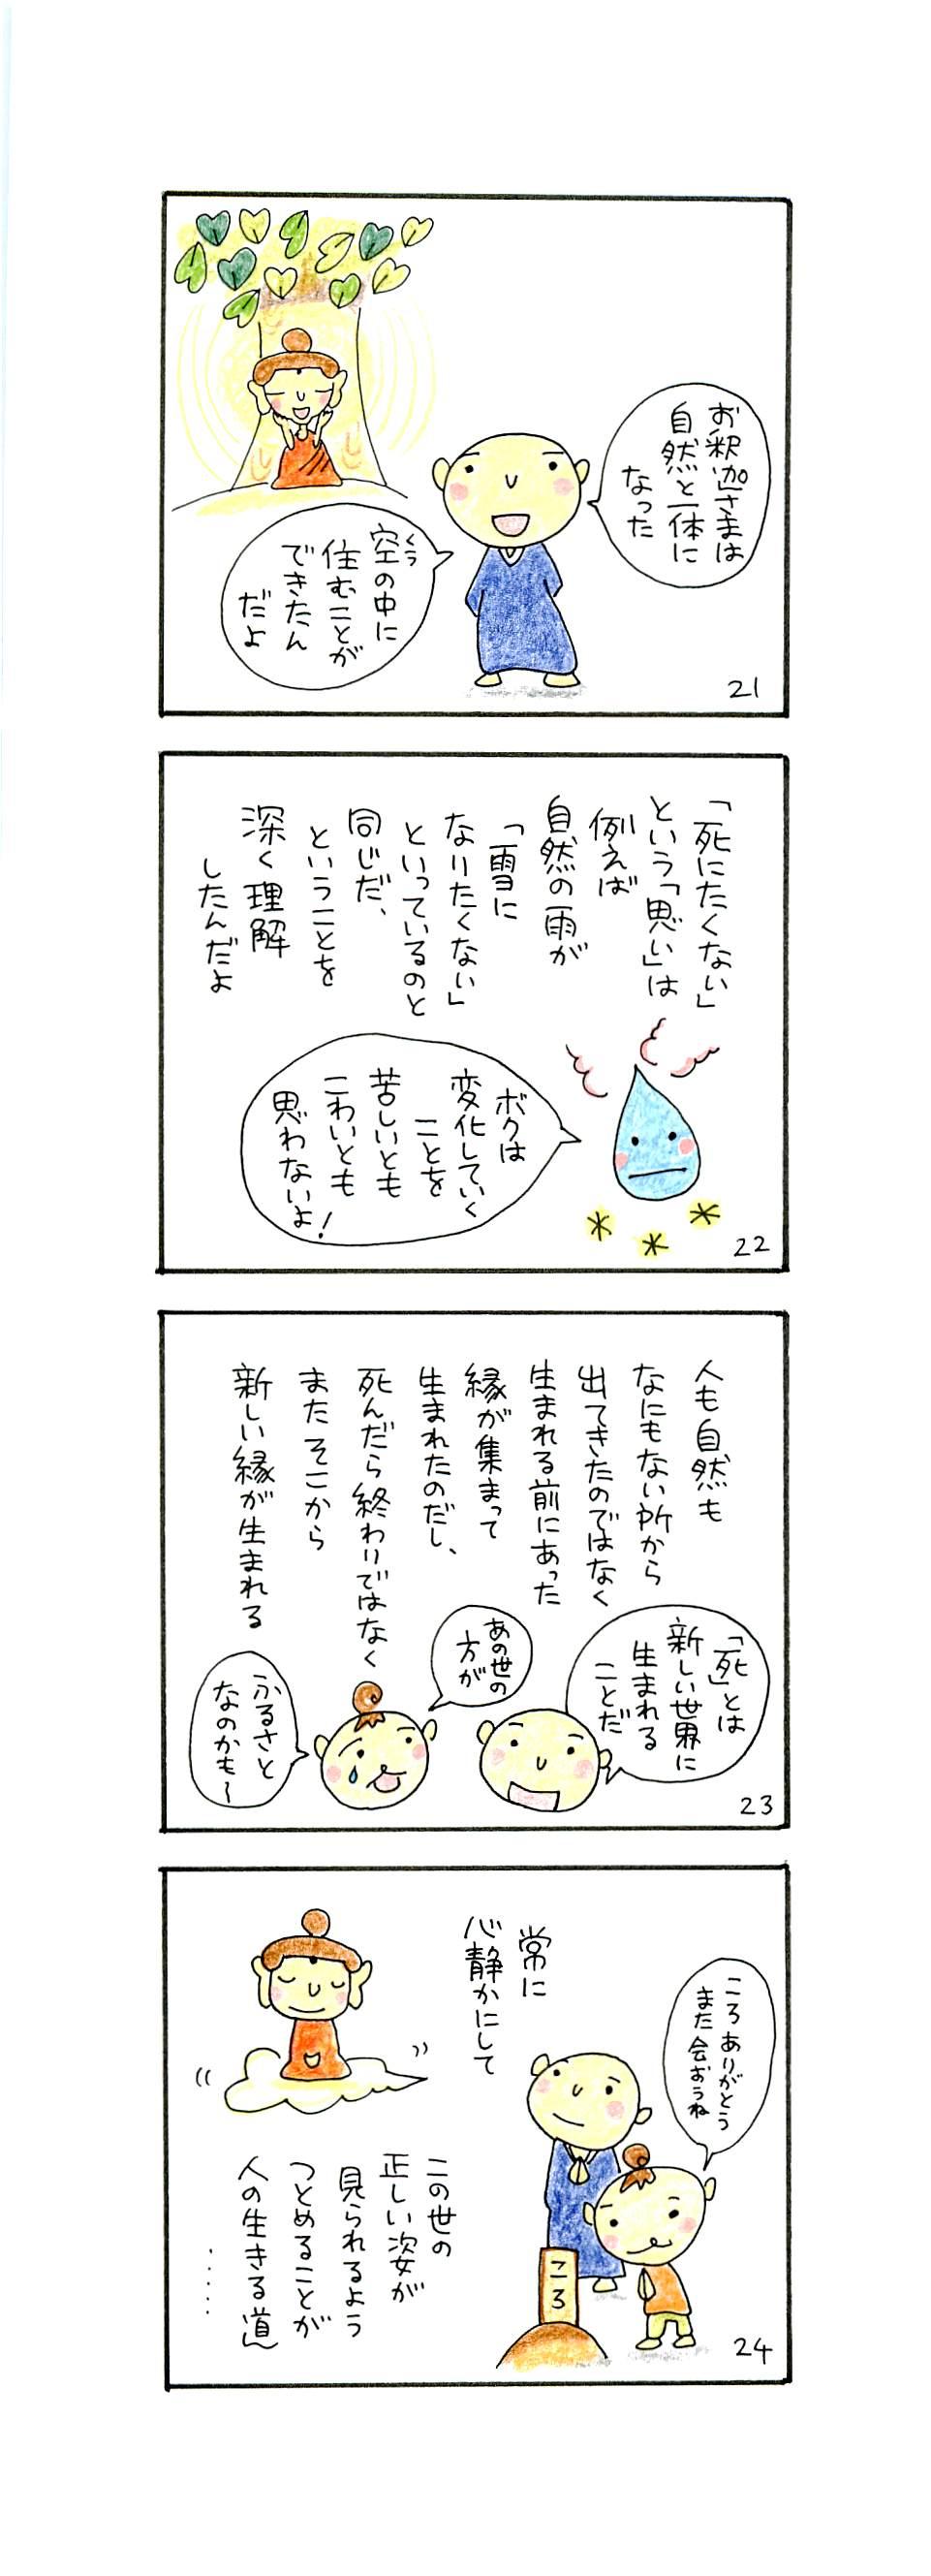 般若心経「無明」p21-p24